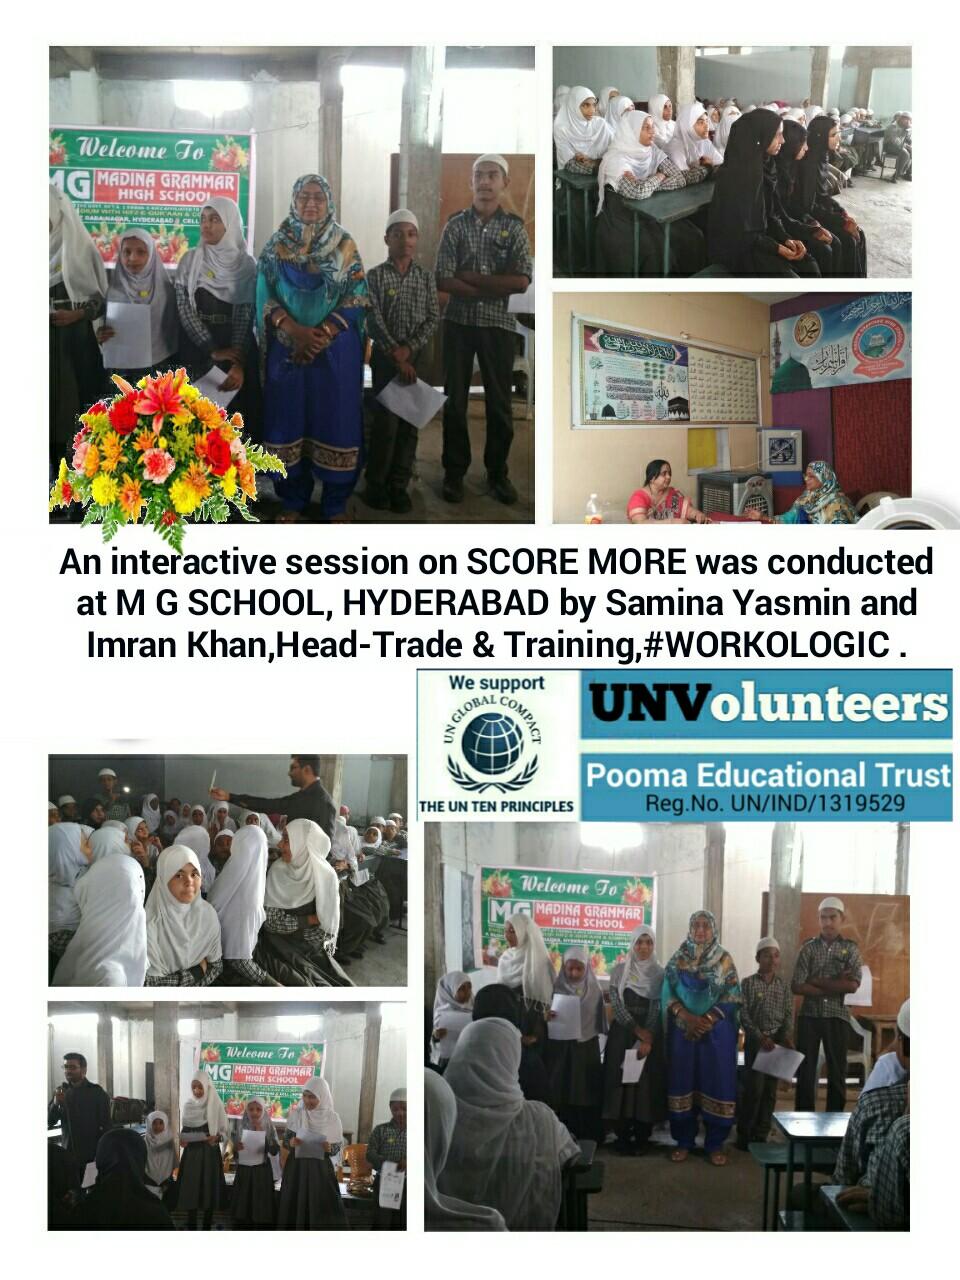 Pooma Educational Trust – Pooma Educational Trust appreciates